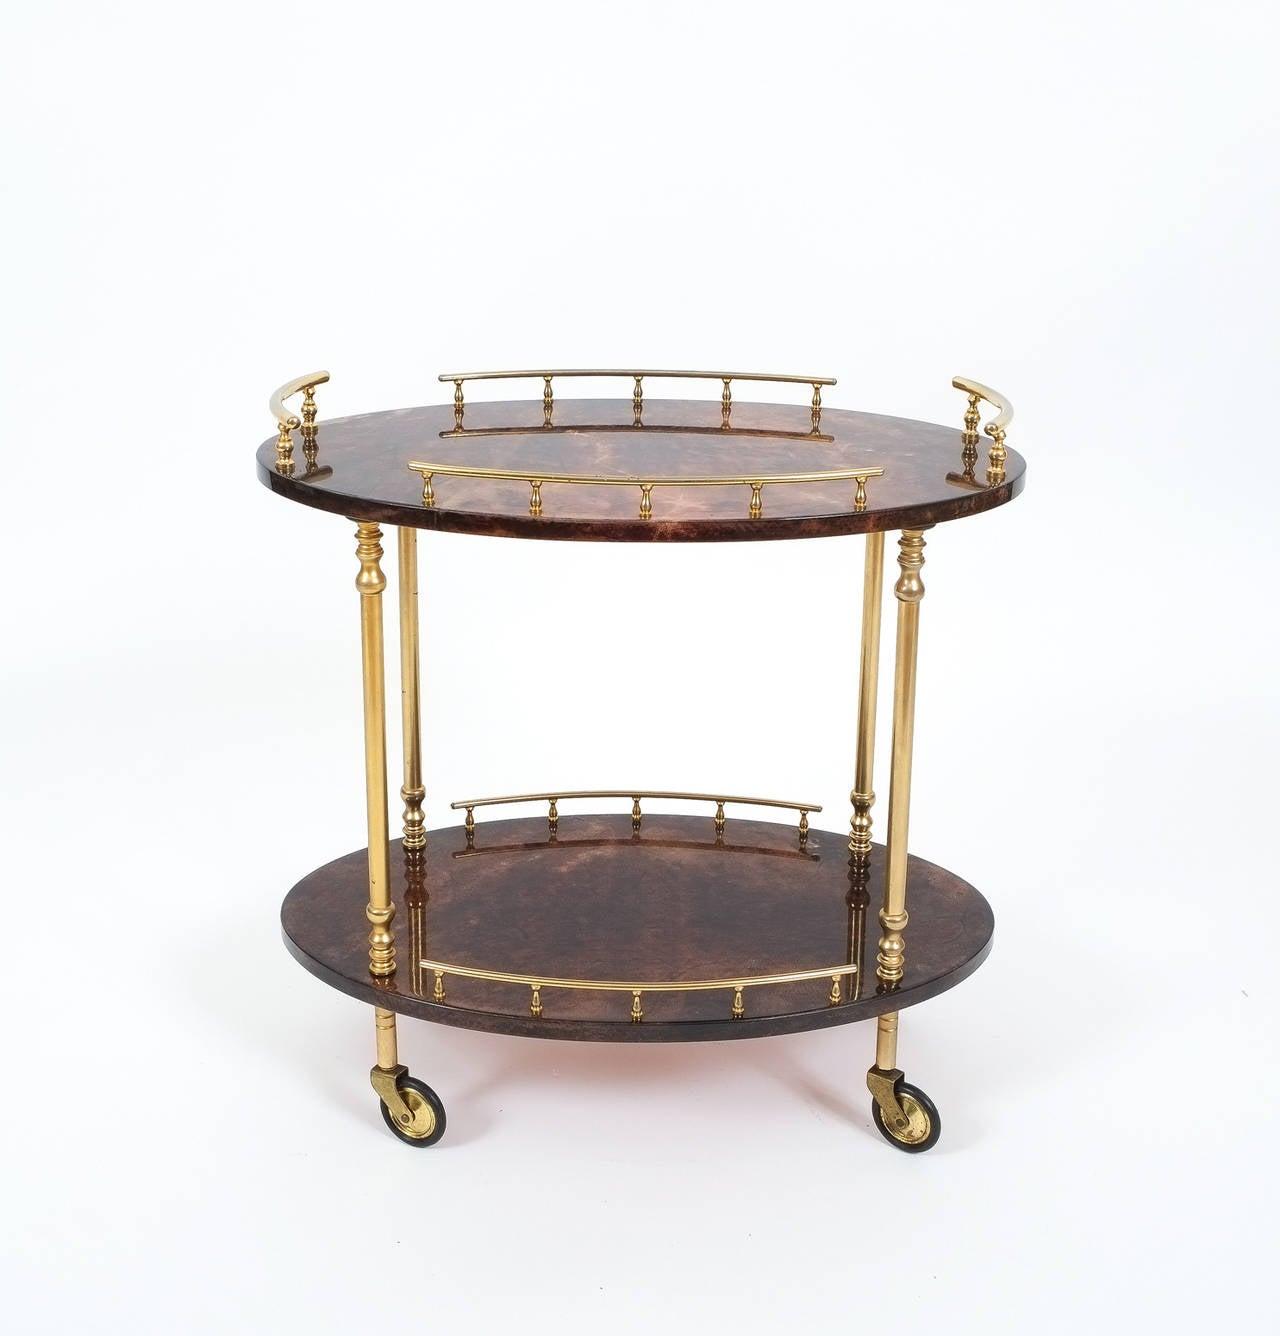 aldo tura petite bar cart or side table at 1stdibs. Black Bedroom Furniture Sets. Home Design Ideas